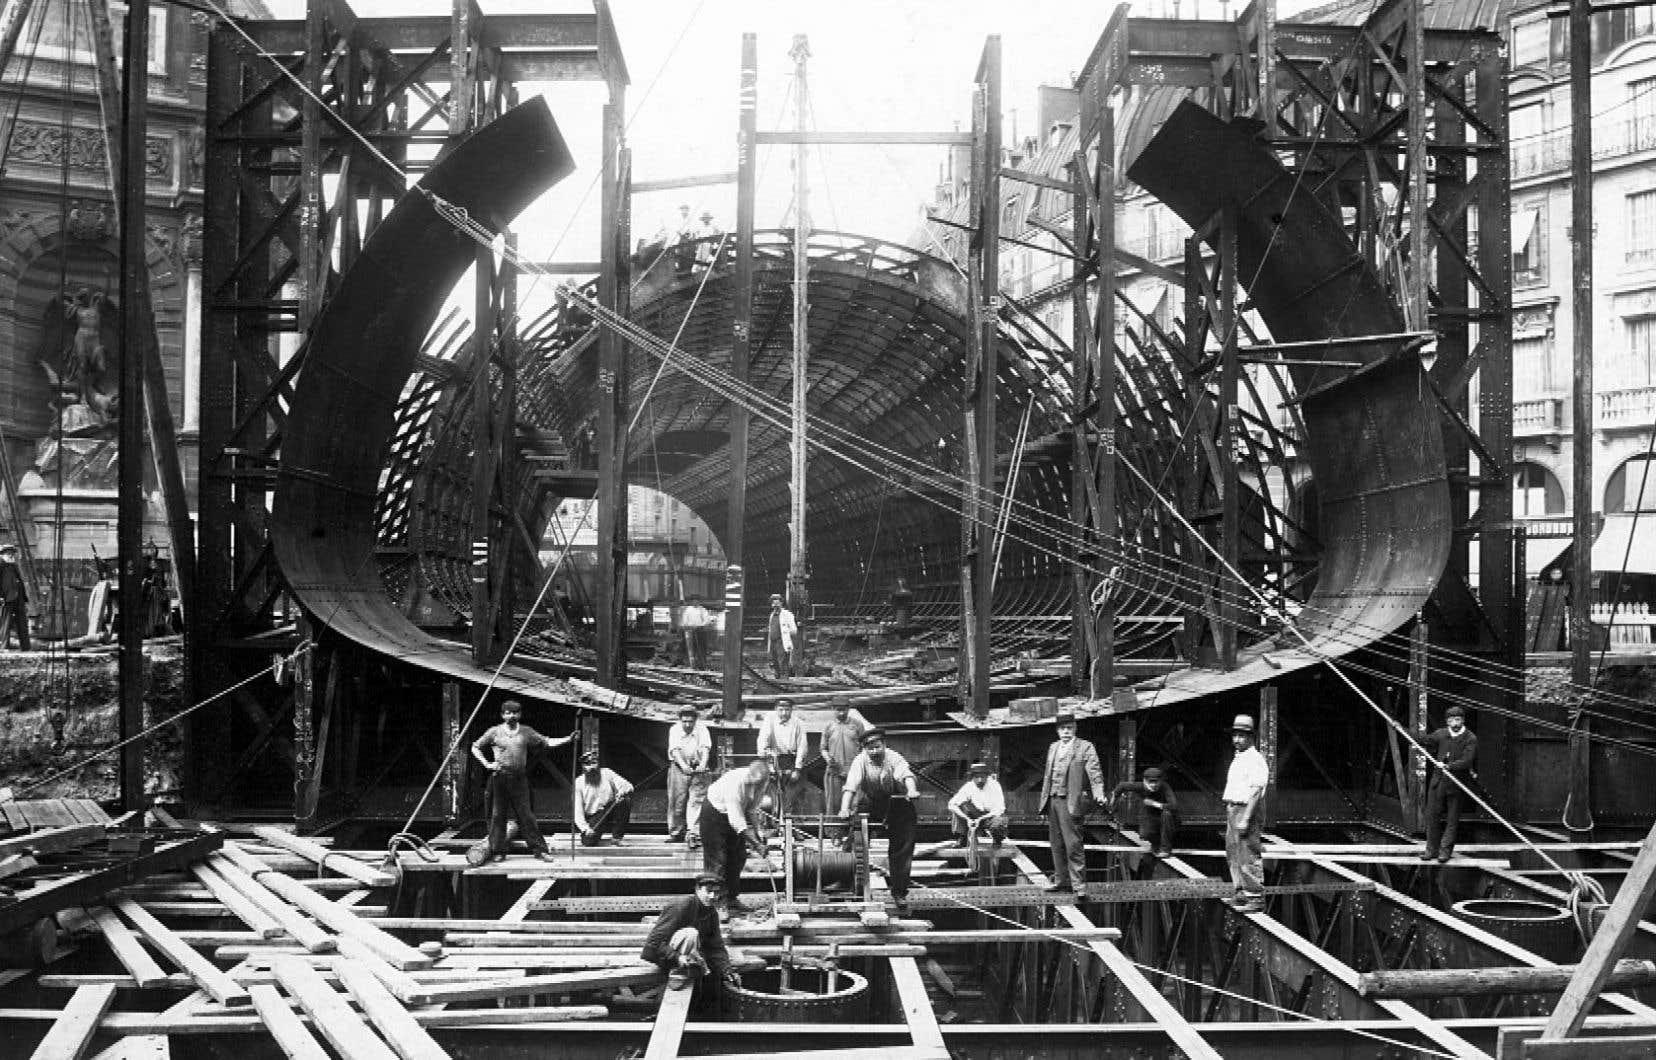 Dans le documentaire «Dans les coulisses du métro de Paris», on raconte comment le métro, qui comporte aujourd'hui 14 lignes et 302 stations, s'est développé au fil des décennies.